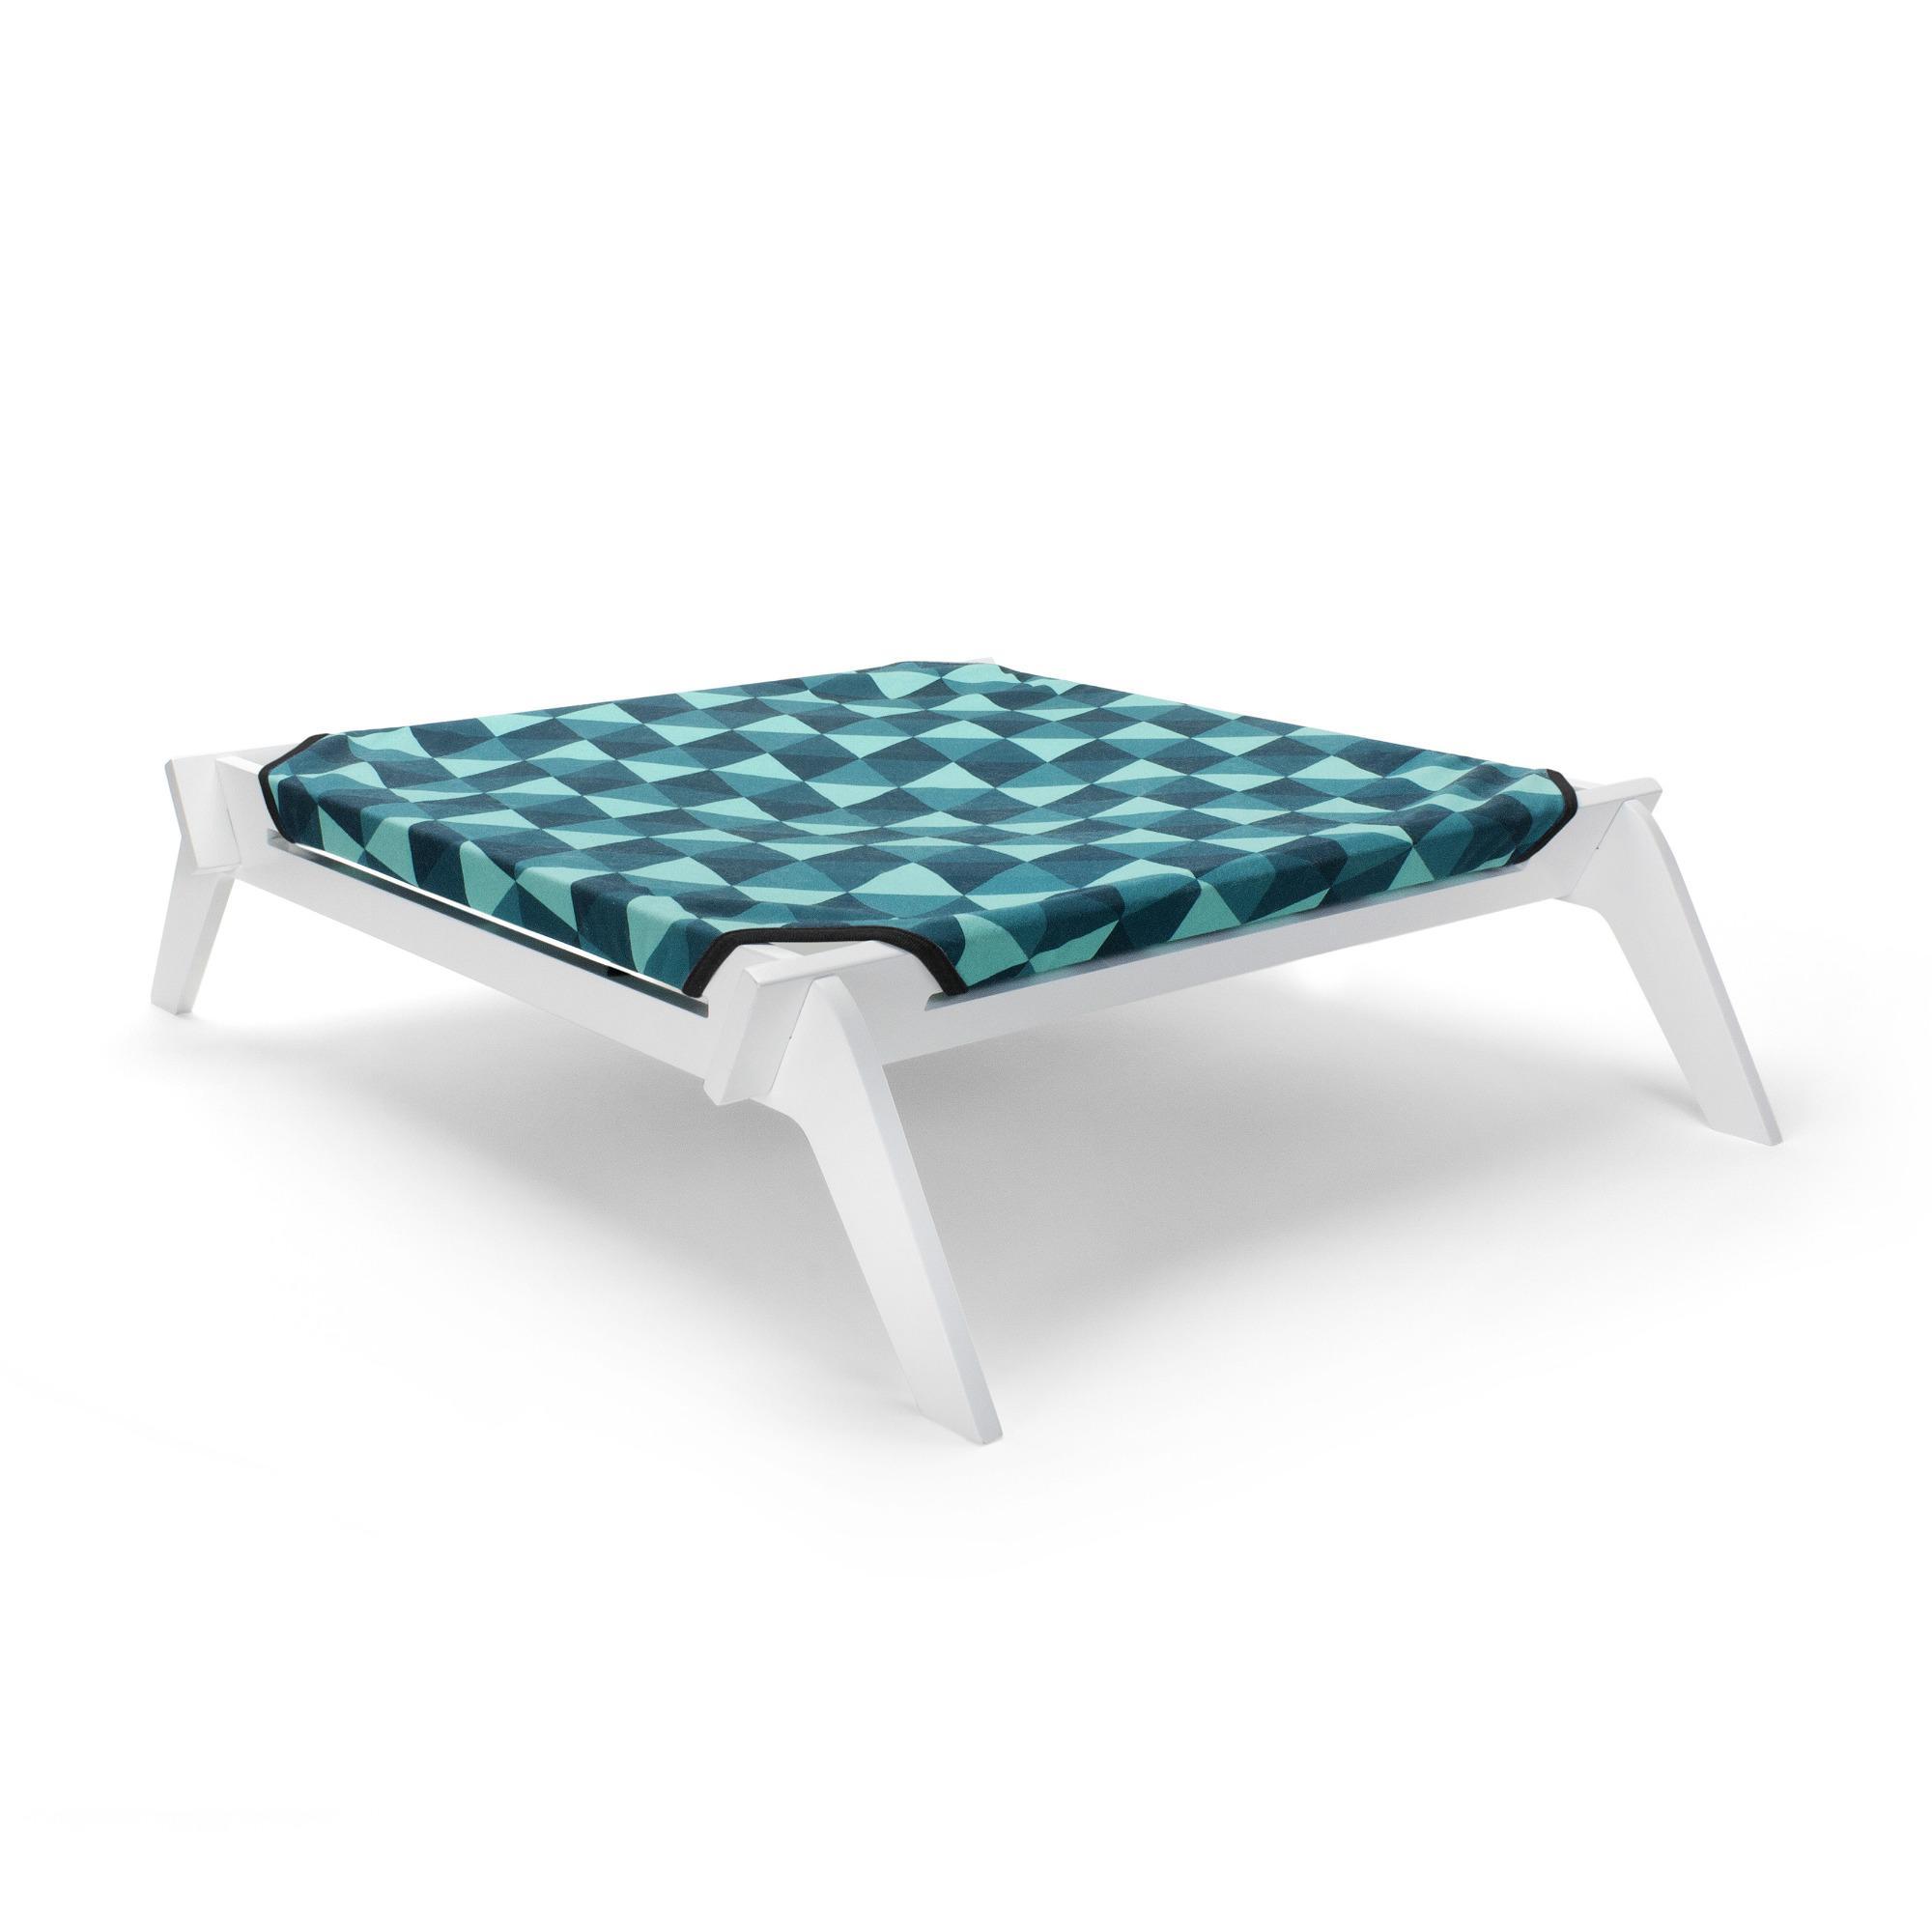 Primetime Petz Reversible Designer Dog Lounge - Blue/Teal